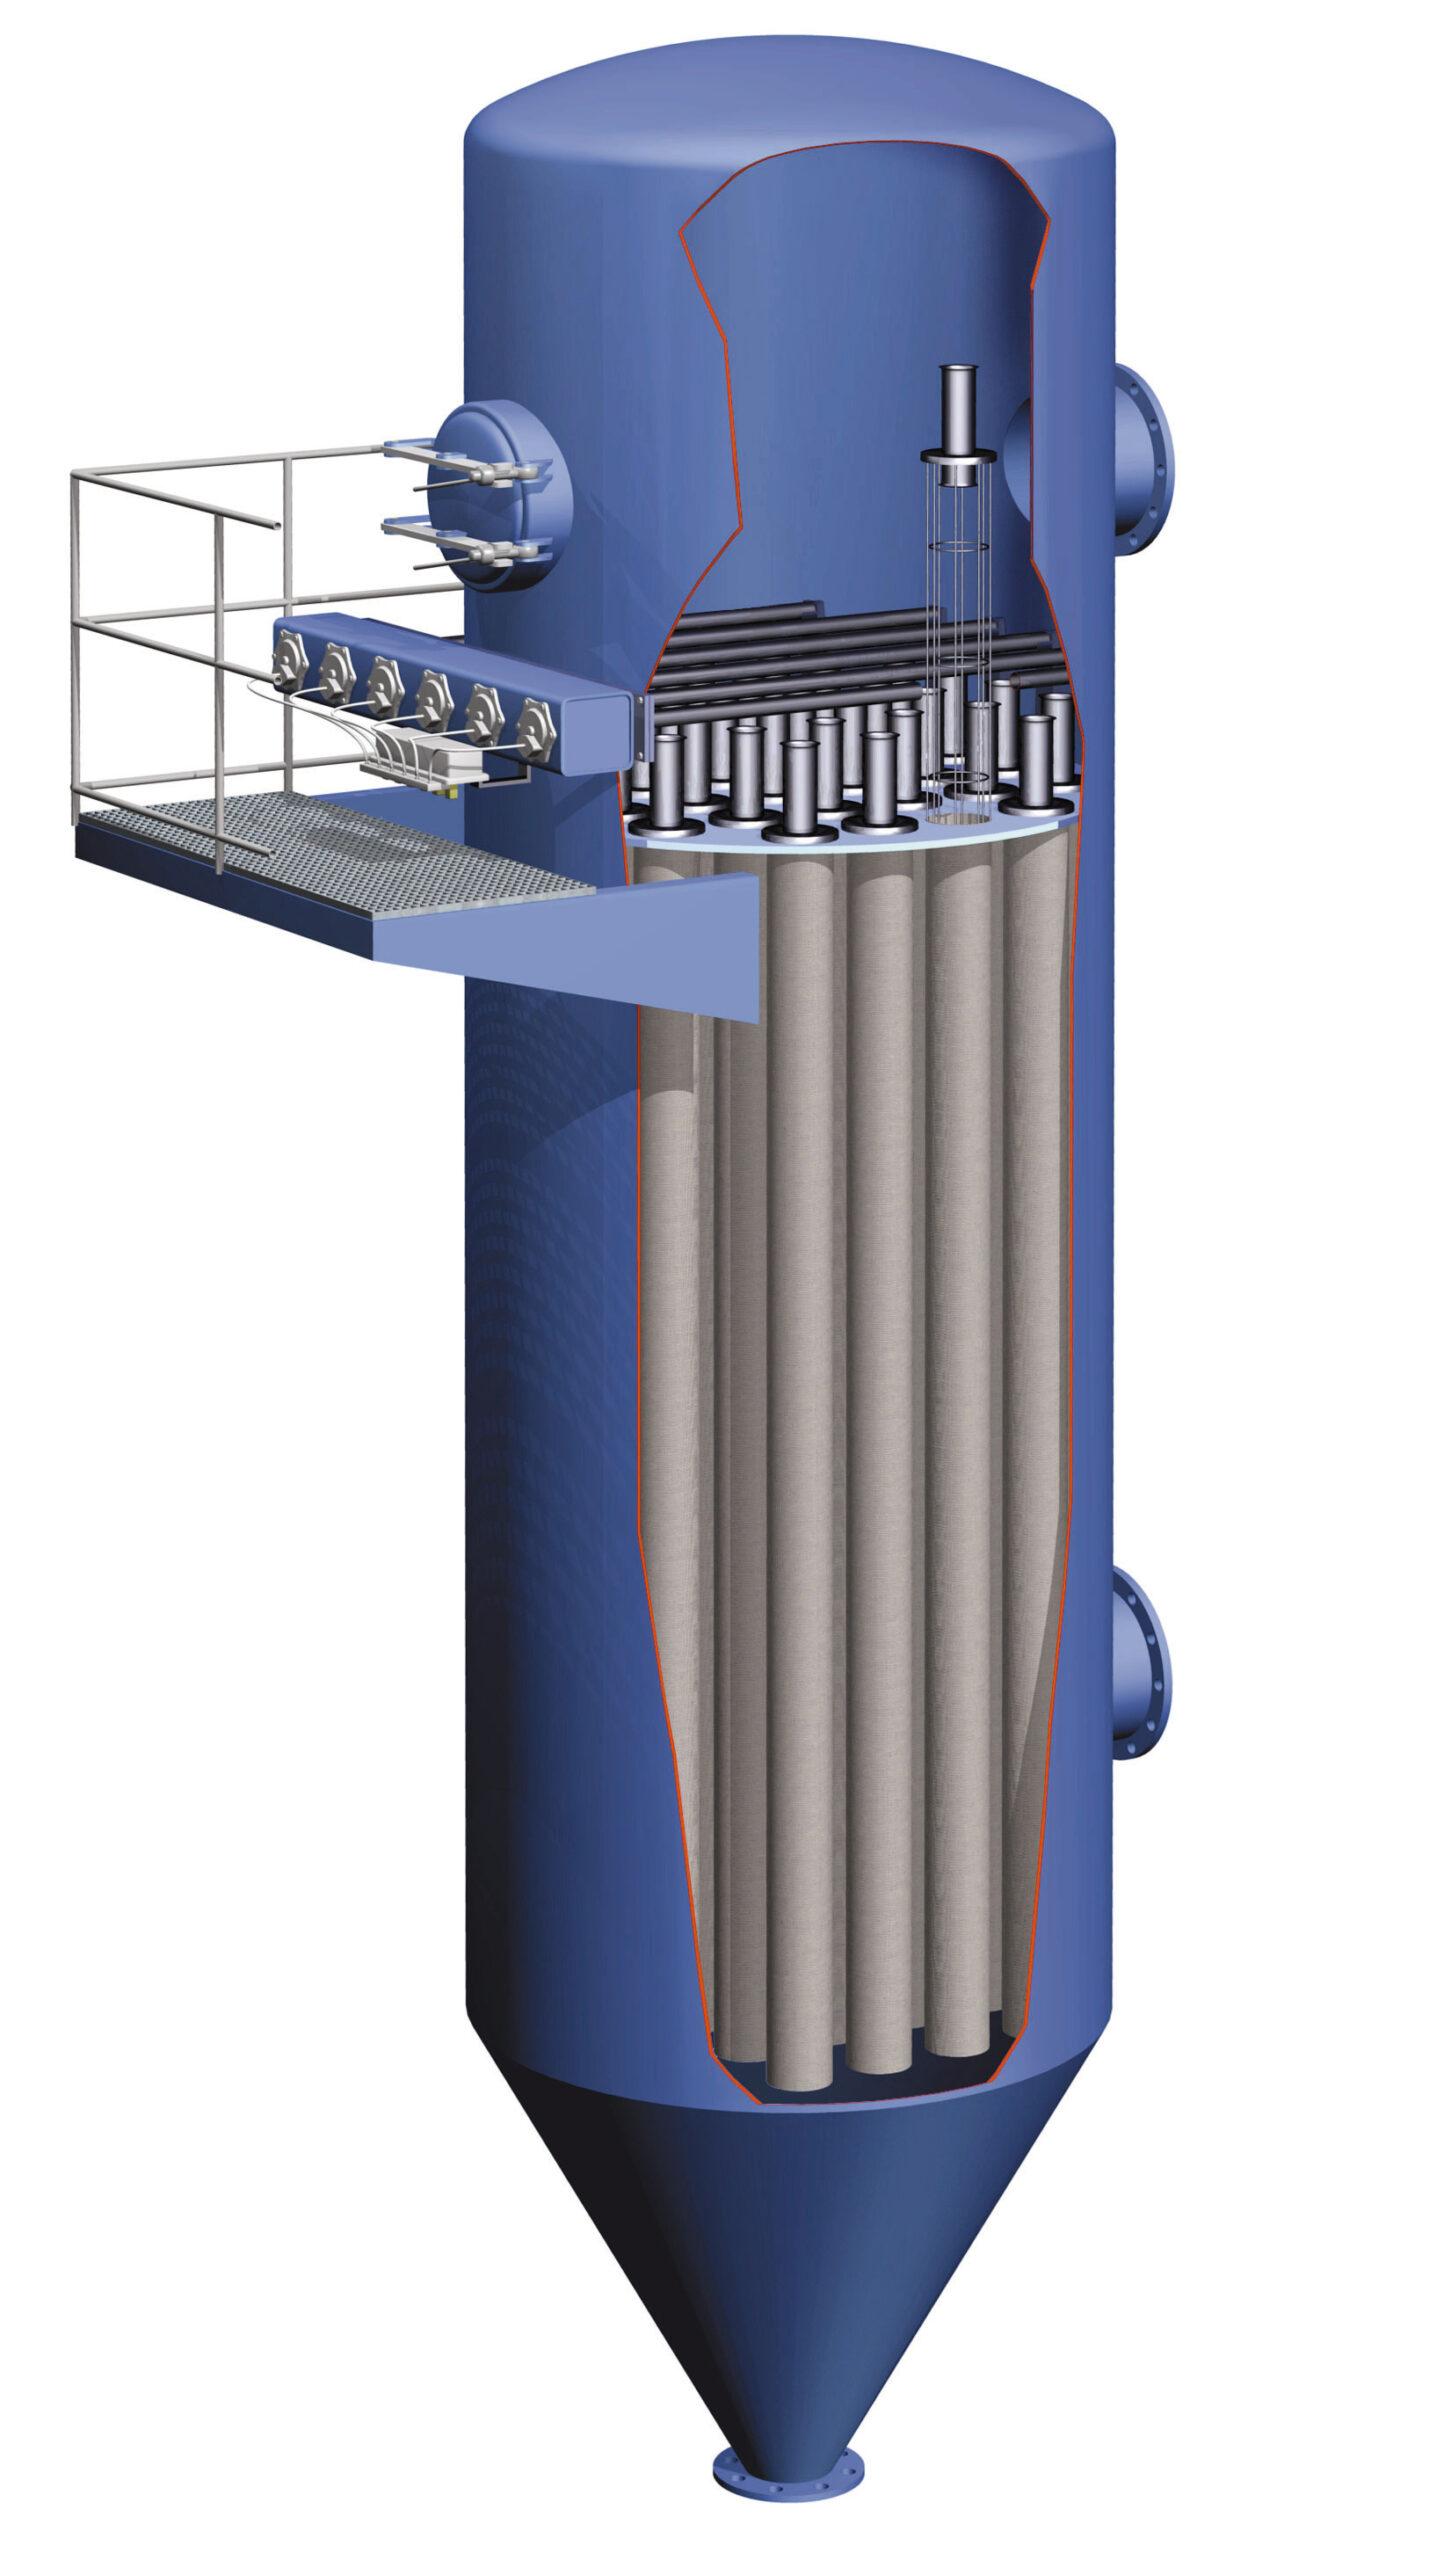 Prinzip-Darstellung der Jetpulse-Filtertechnik in einem Rundfilter